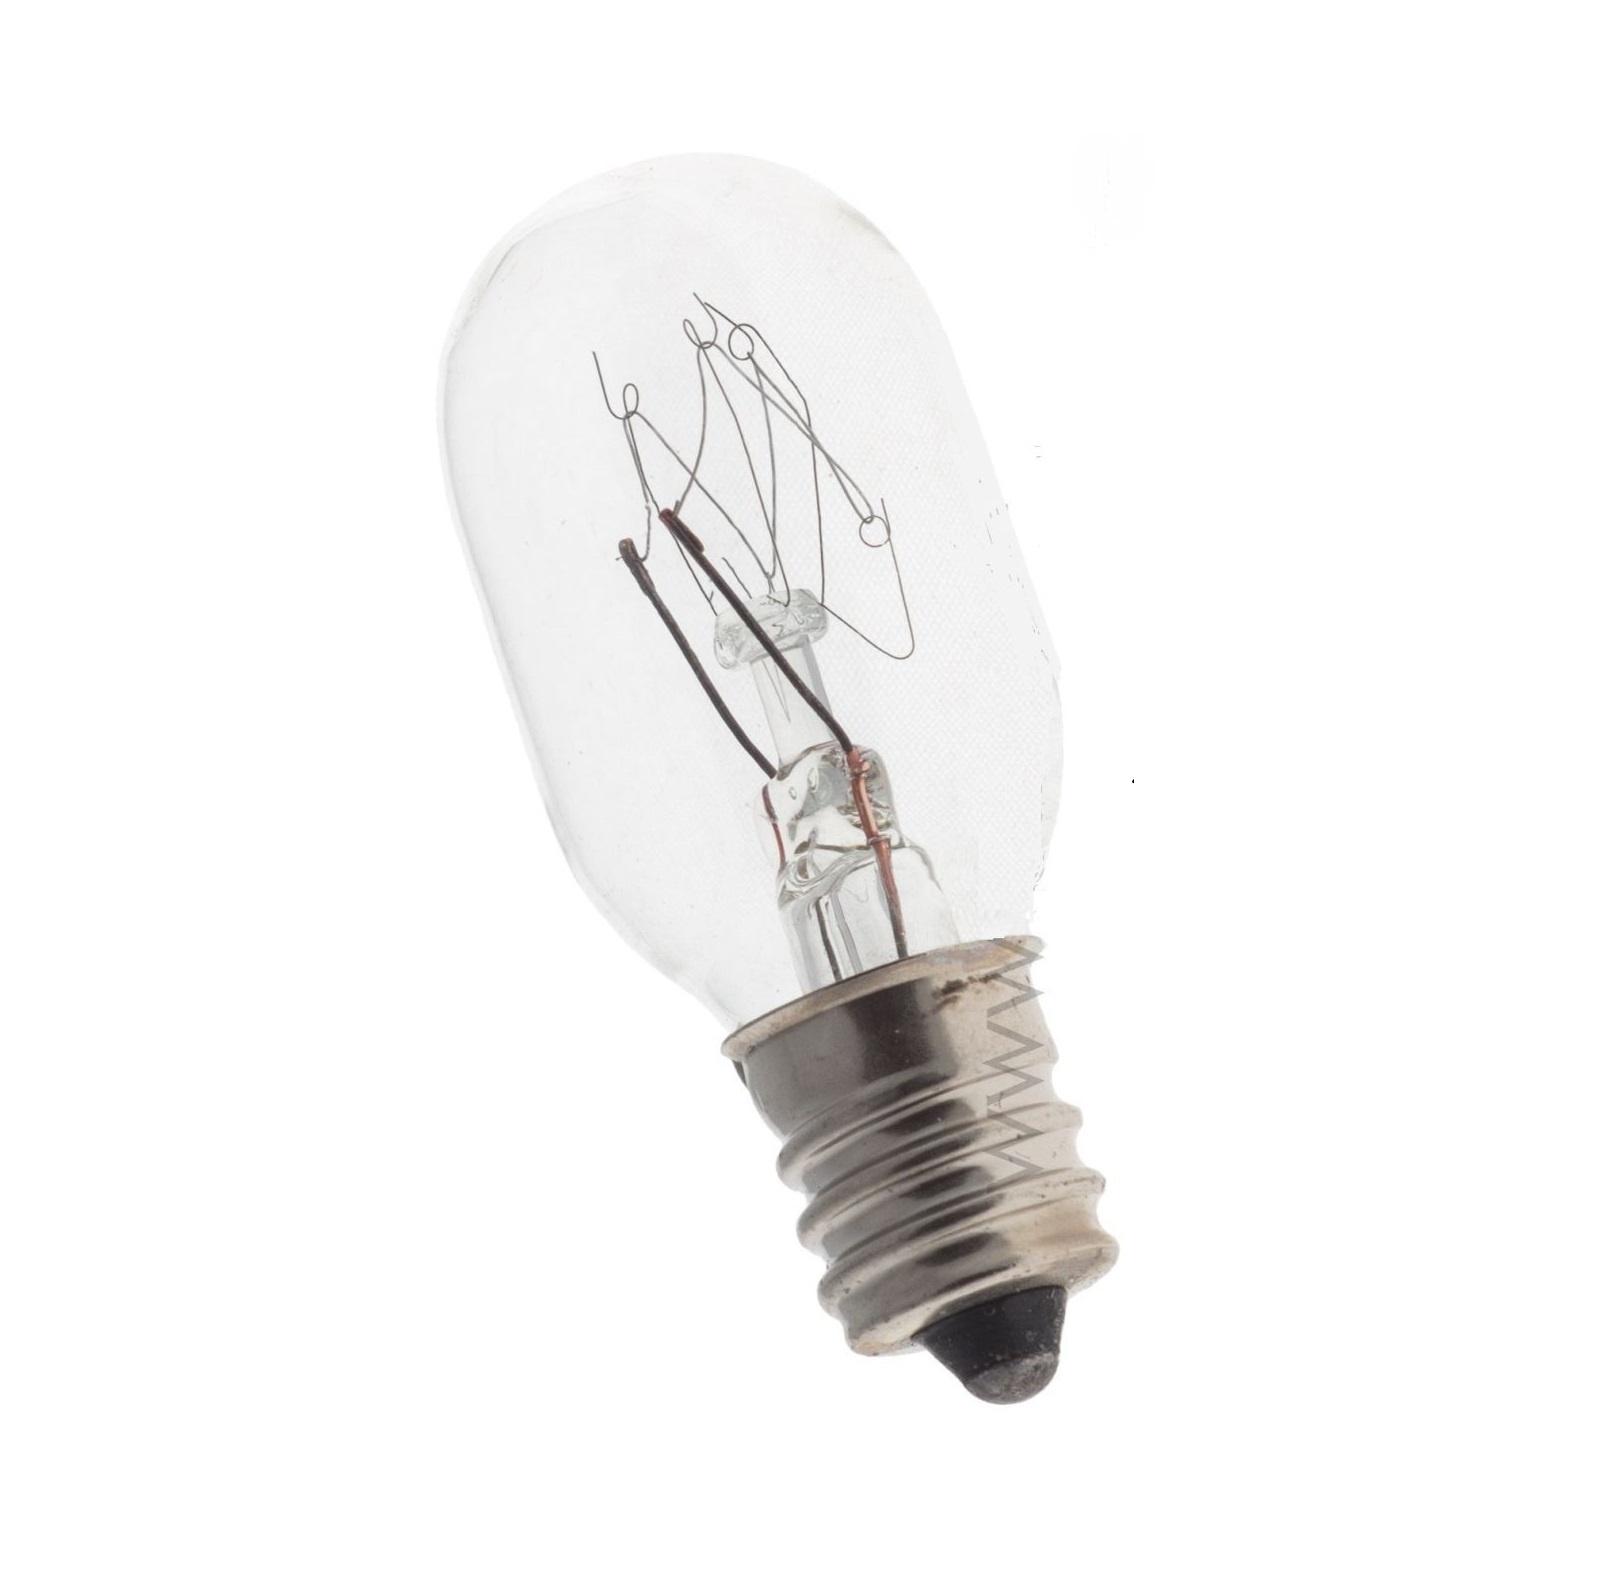 ультрафиолетовая лампа купить в москве